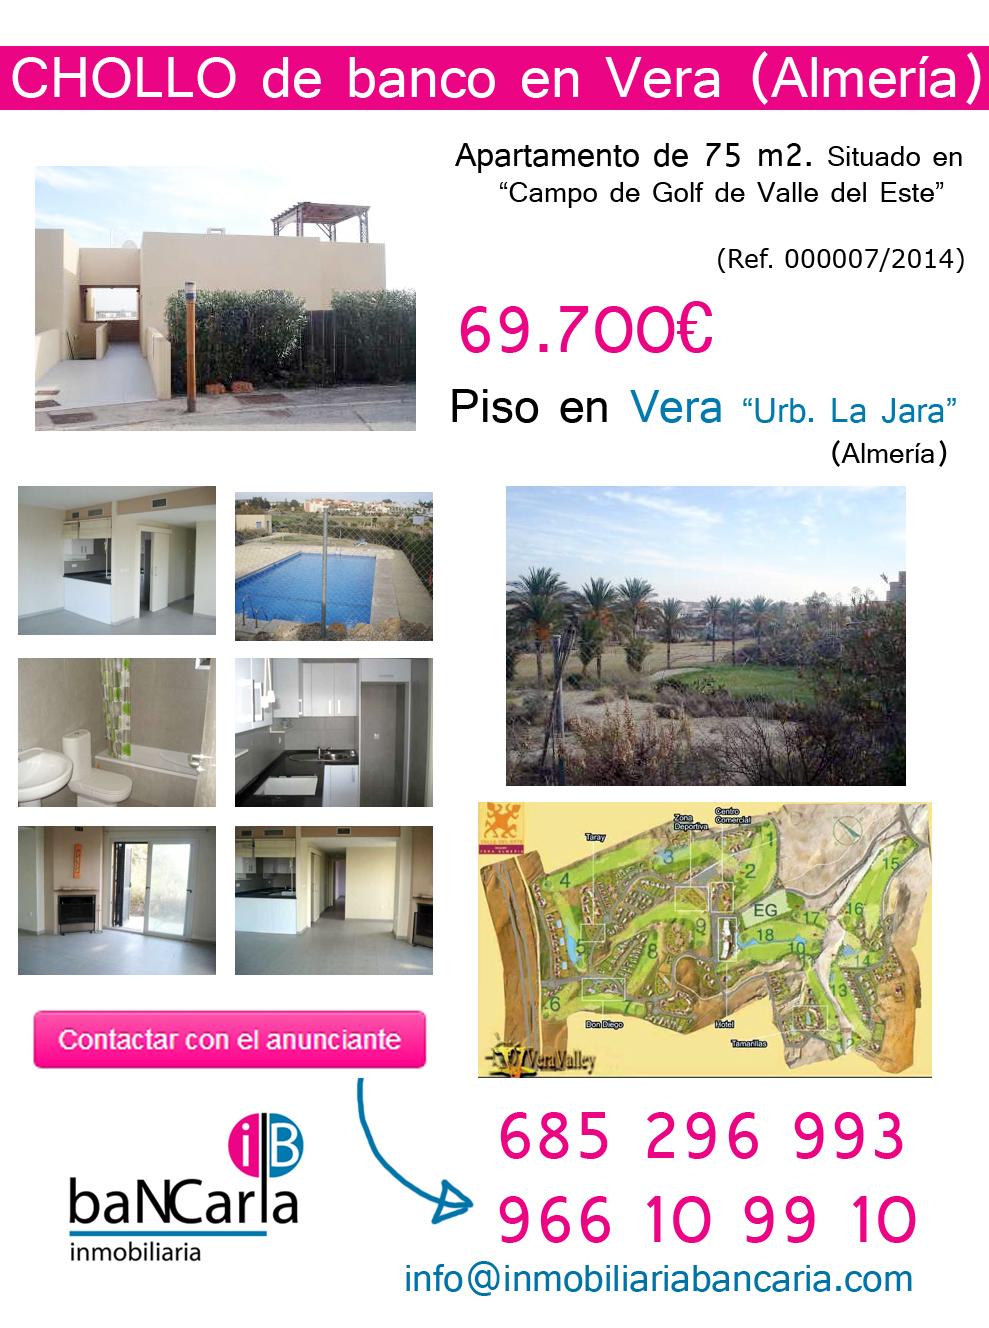 Apartamento piso de banco en venta en vera almeria 75 m for Pisos de bancos en almeria